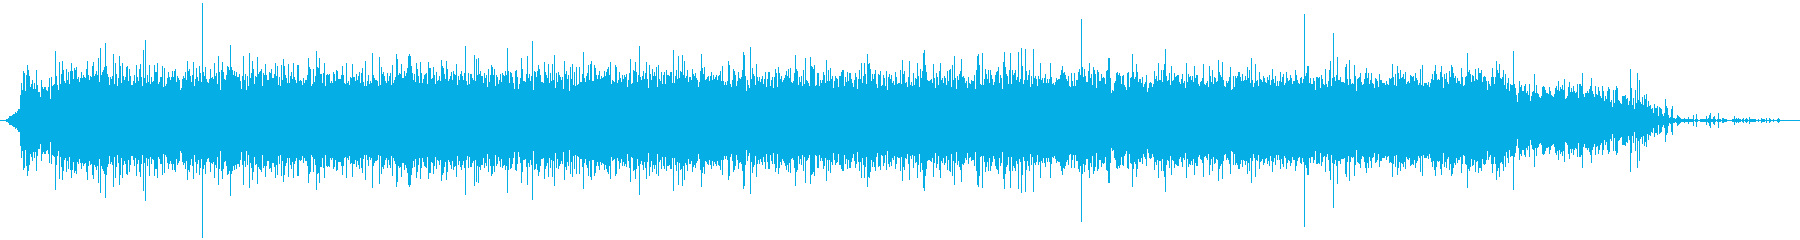 シンクフィル3;水で満たされた大き...の再生済みの波形